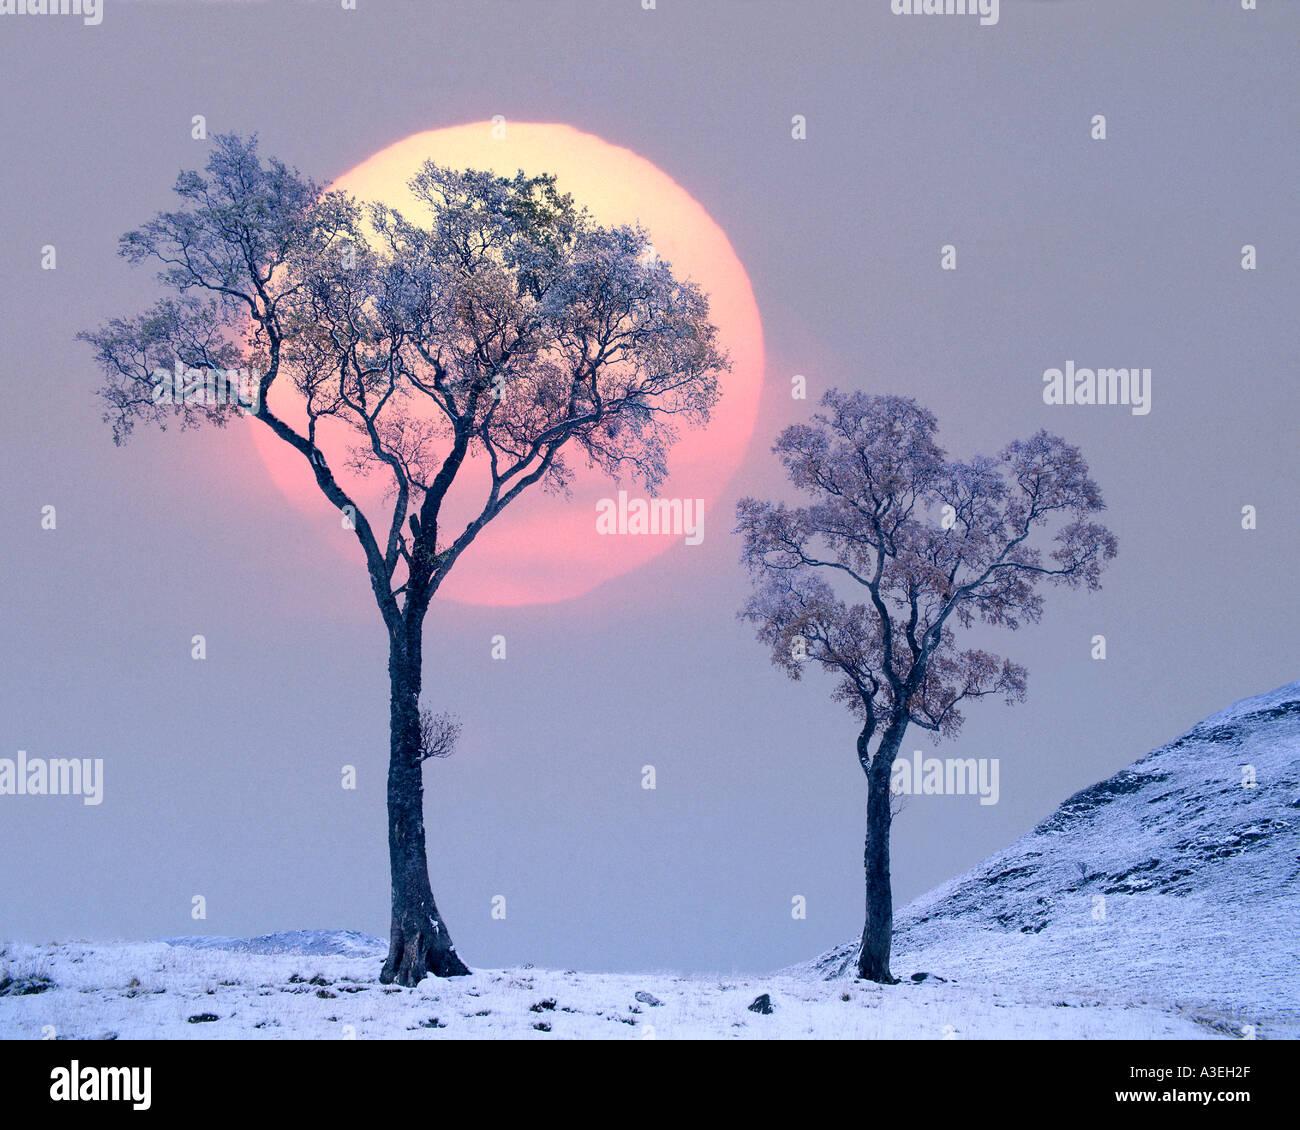 GB - Ecosse: l'hiver dans la région de Glen Lochsie Photo Stock